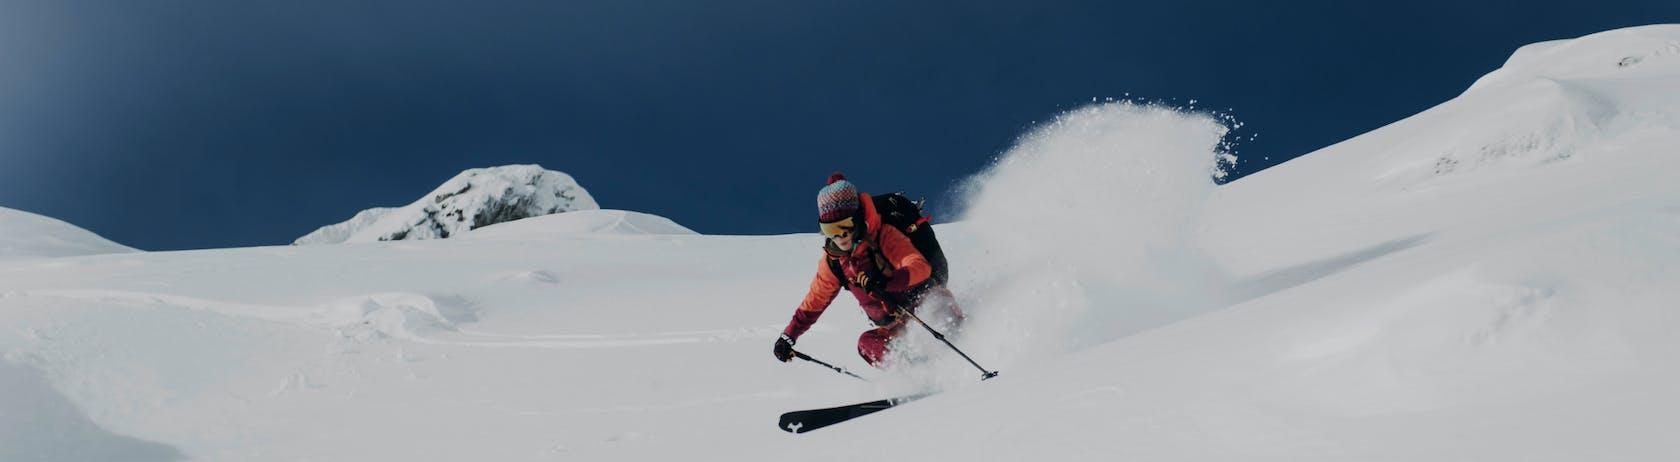 La Sportiva Shop Online Sci alpinismo